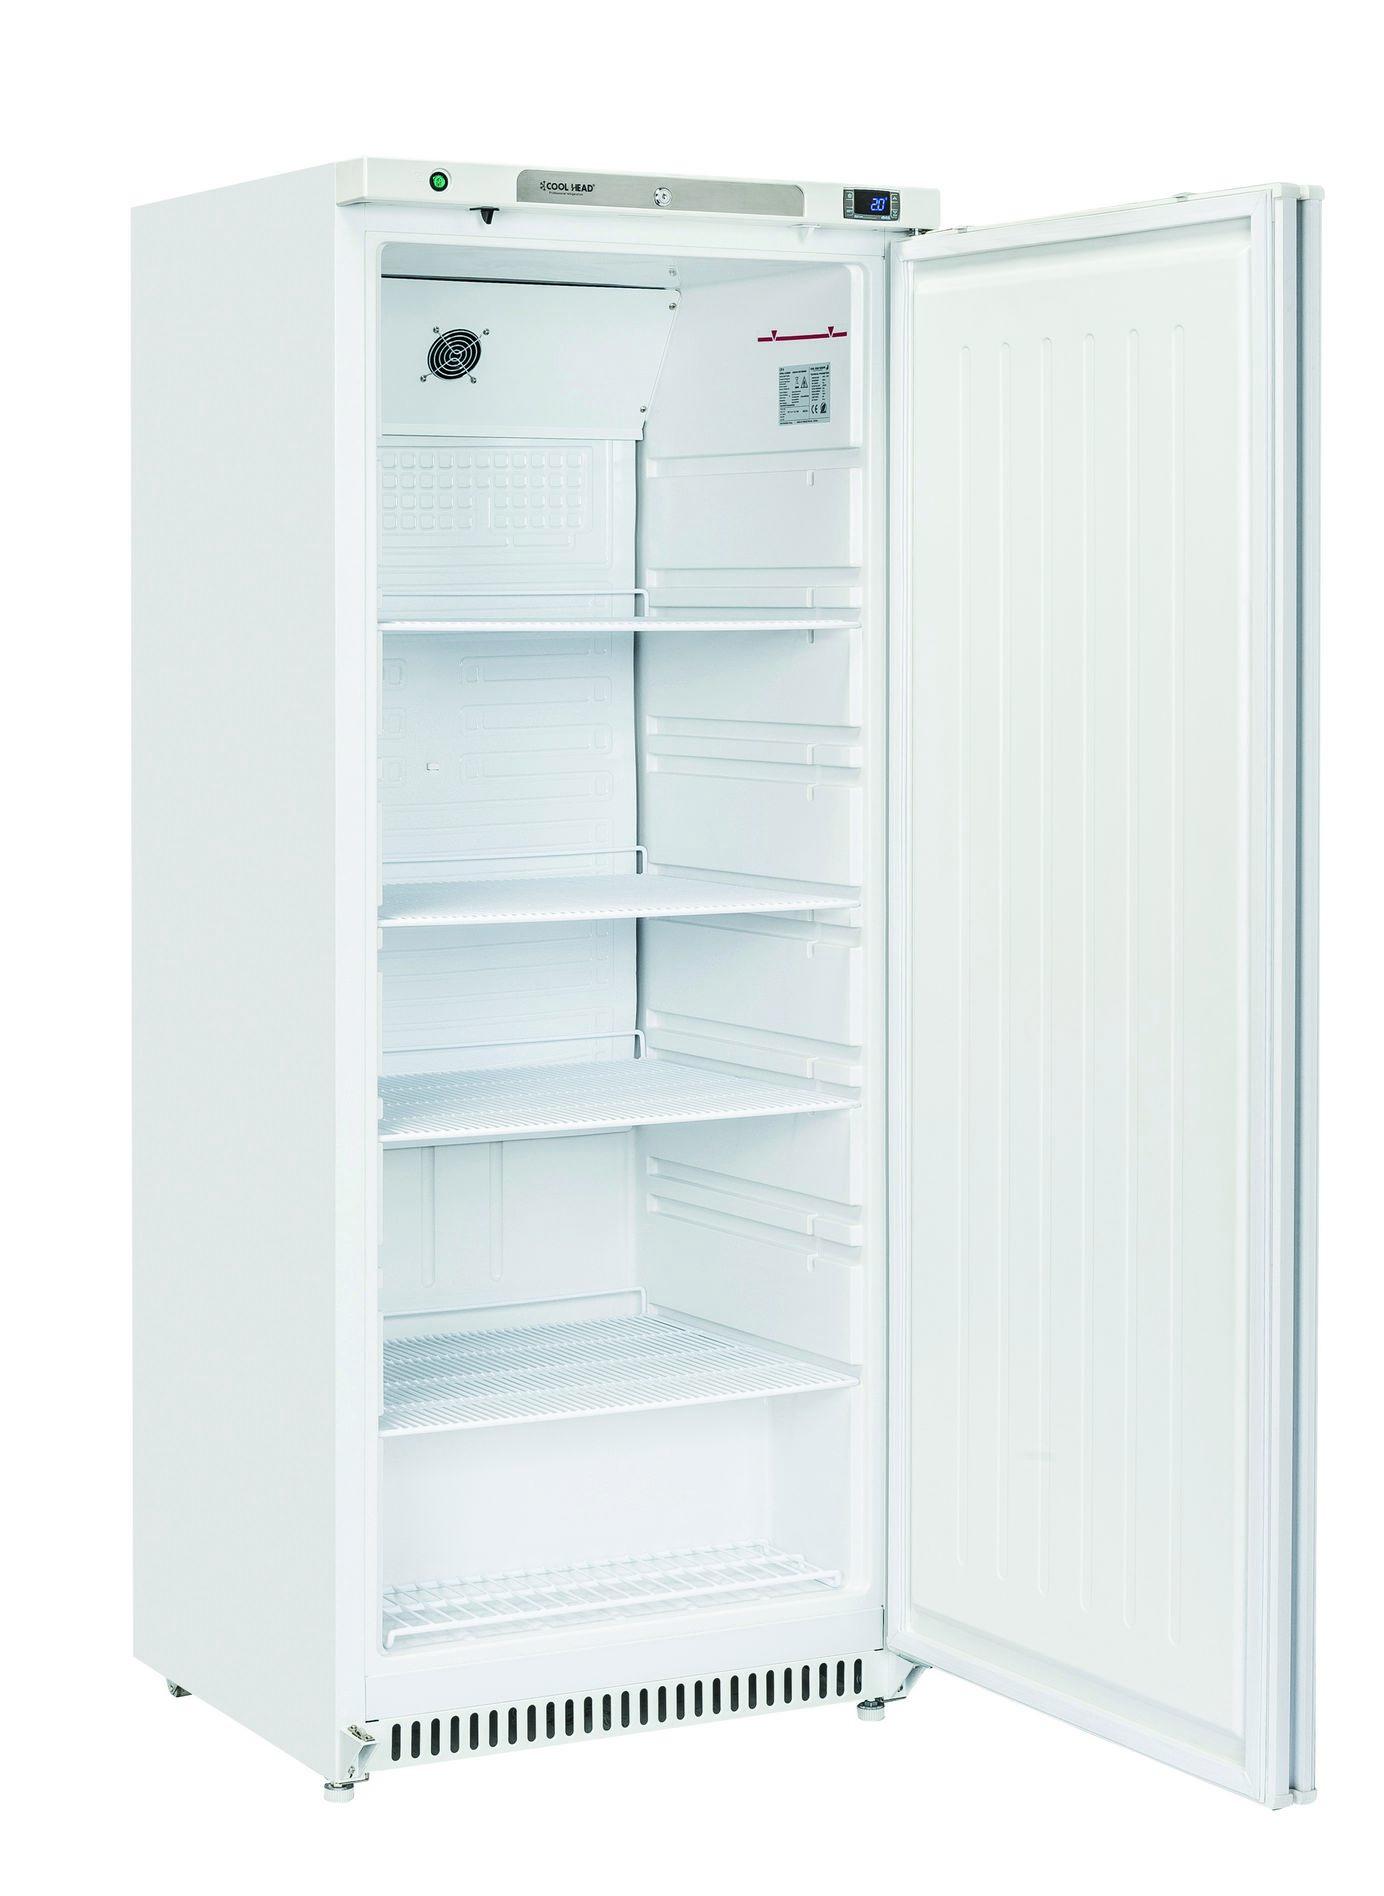 600 literes hűtő, ventilációs hűtéssel, teli ajtóval, fehér, 0/+8°C